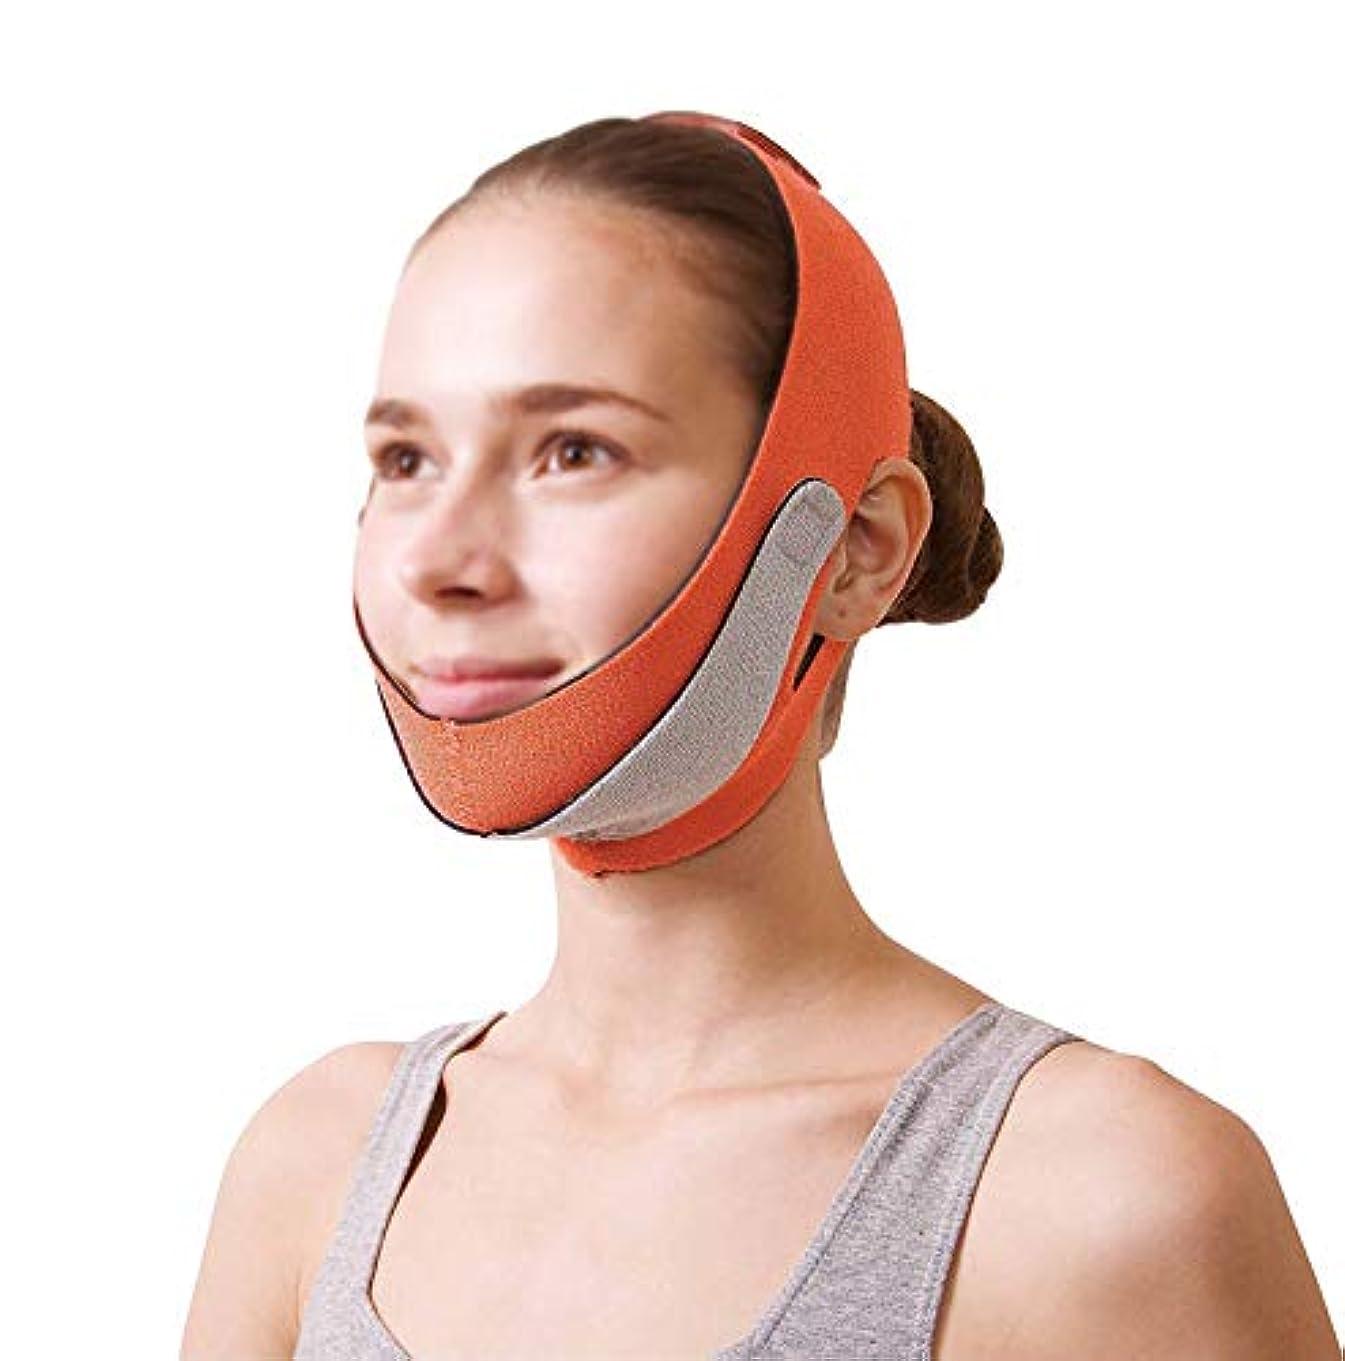 プラスチック望ましい正確なフェイスリフトマスク、あごストラップ回復ポスト包帯ヘッドギアフェイスマスクフェイス薄いフェイスマスクアーチファクト美容フェイスとネックリフトオレンジマスク